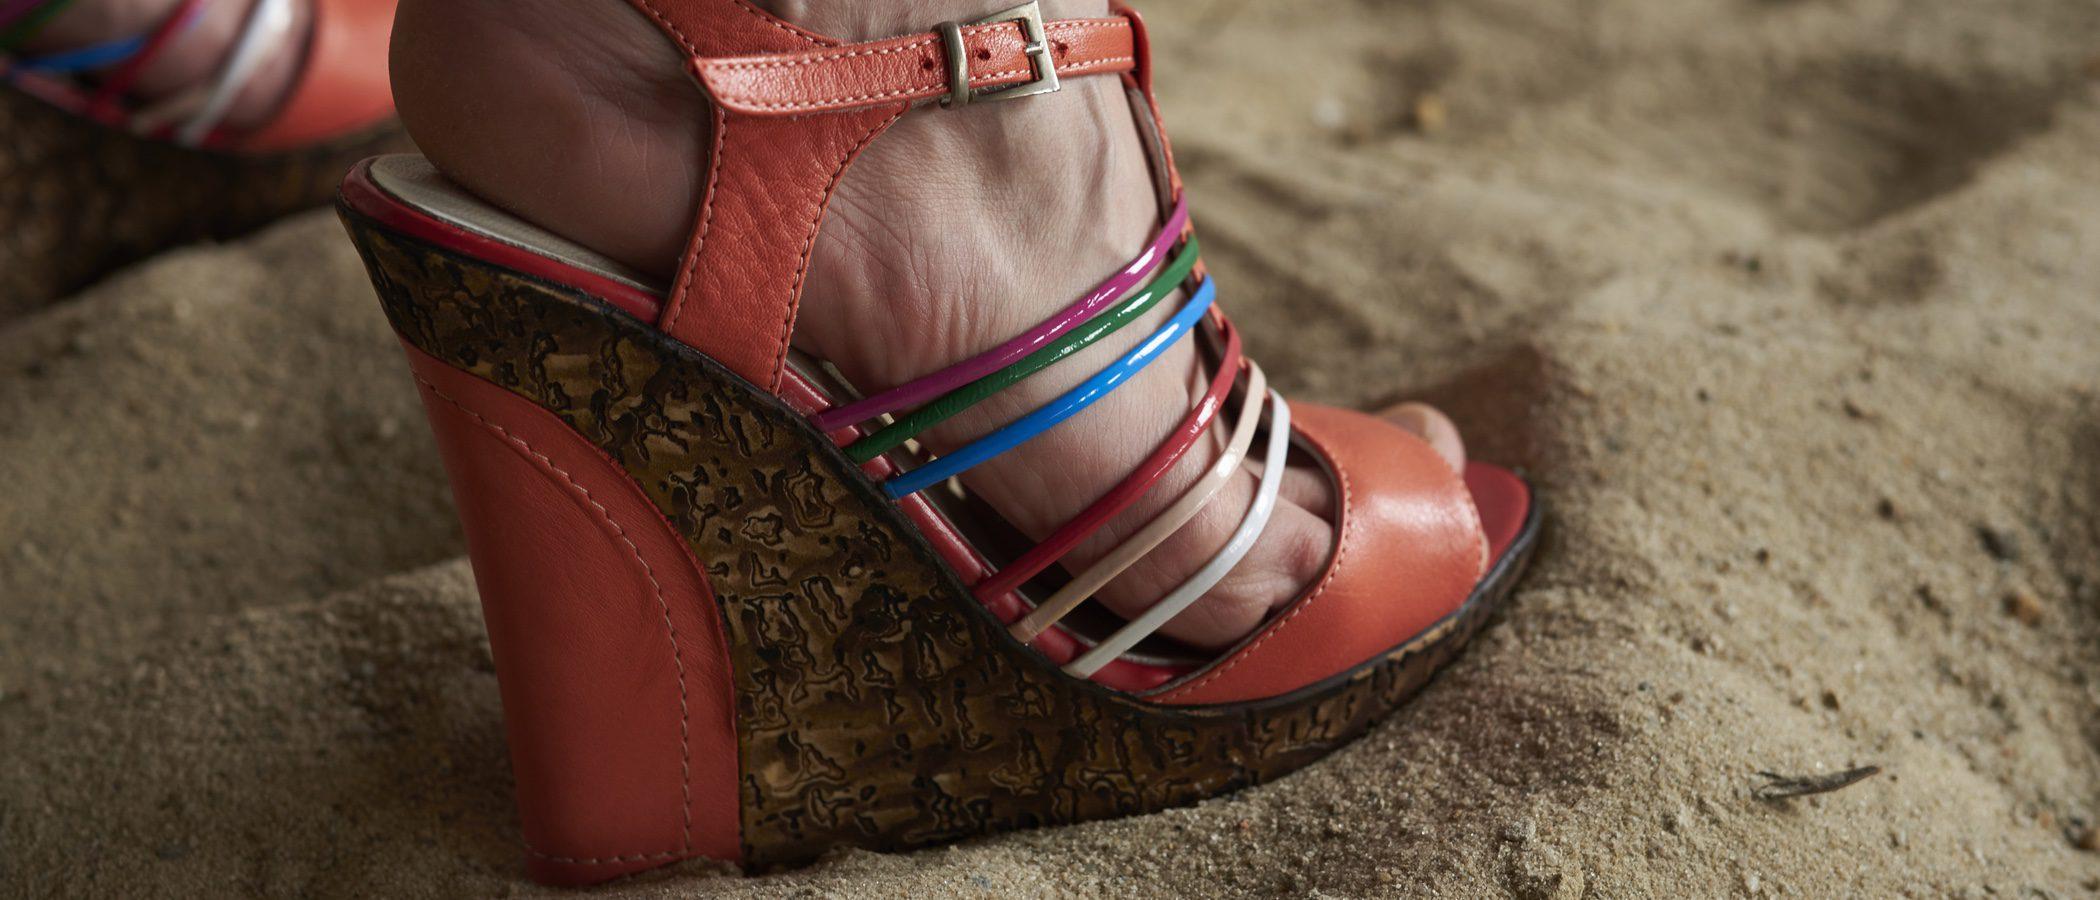 Sandalias de cuña: guía de estilo